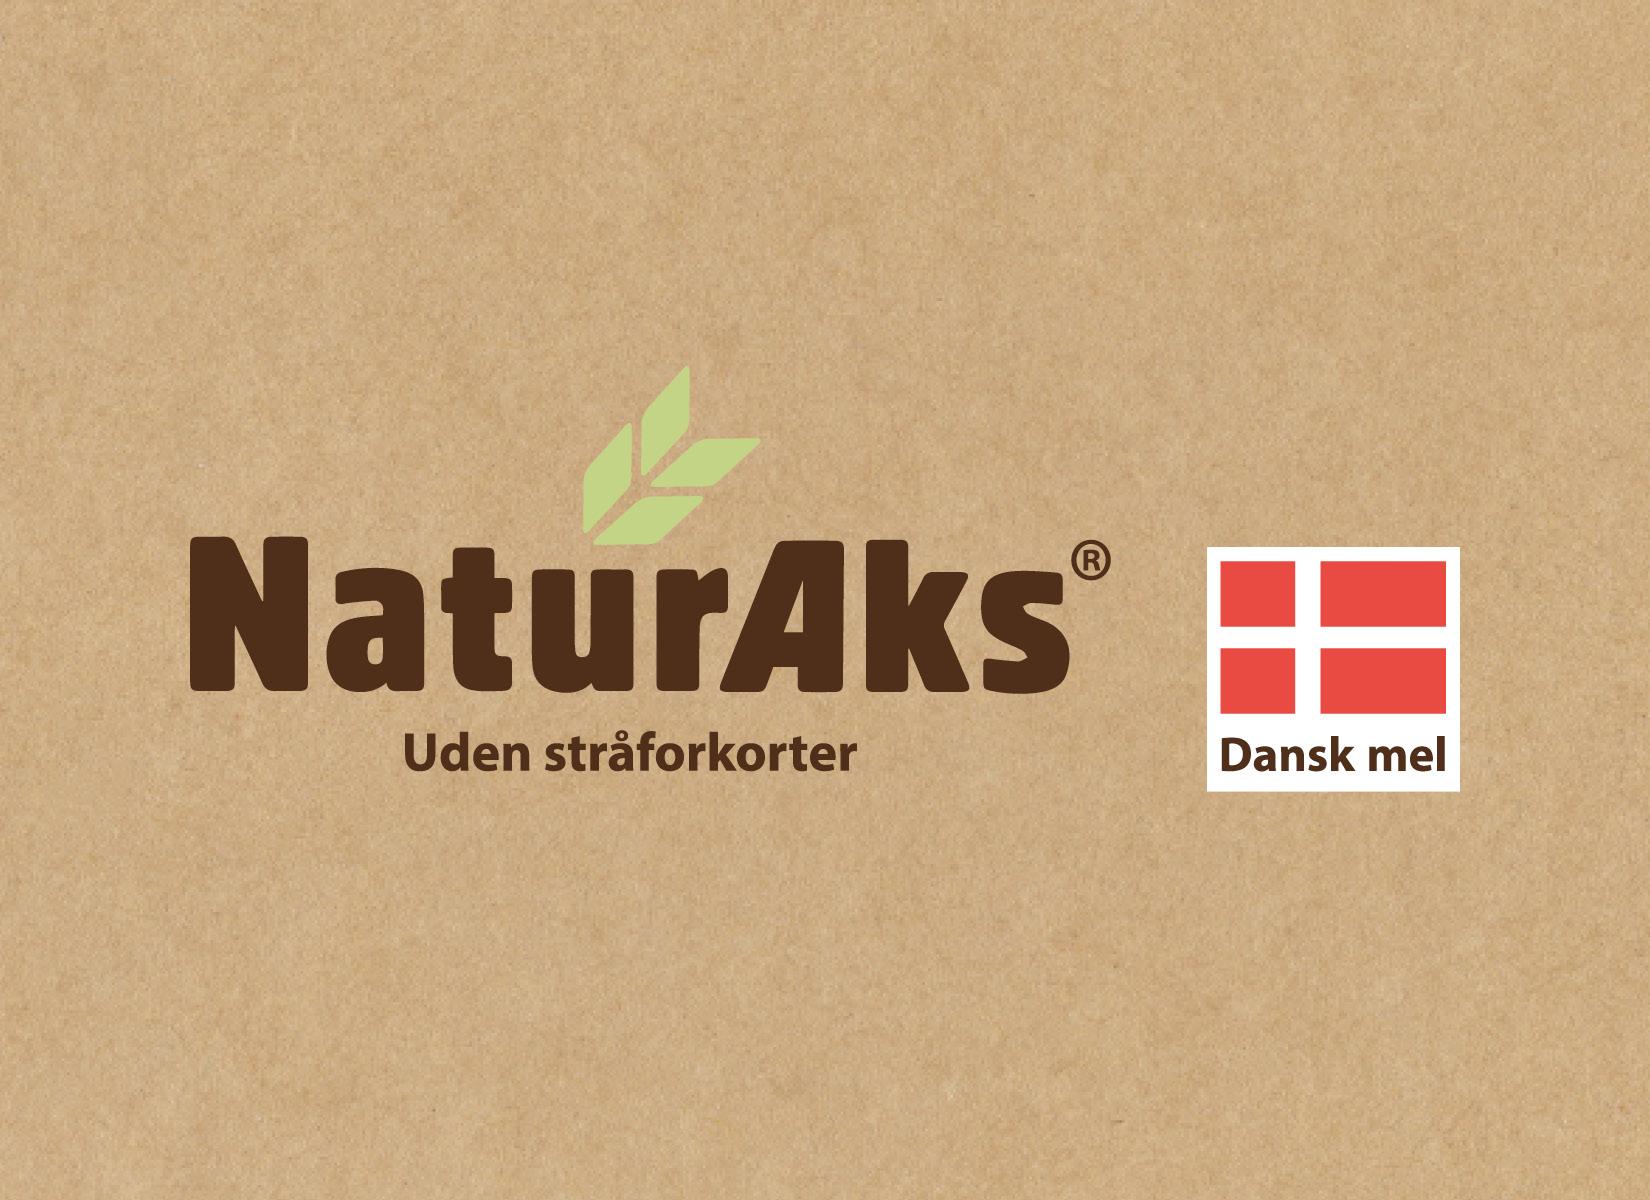 naturaks logo